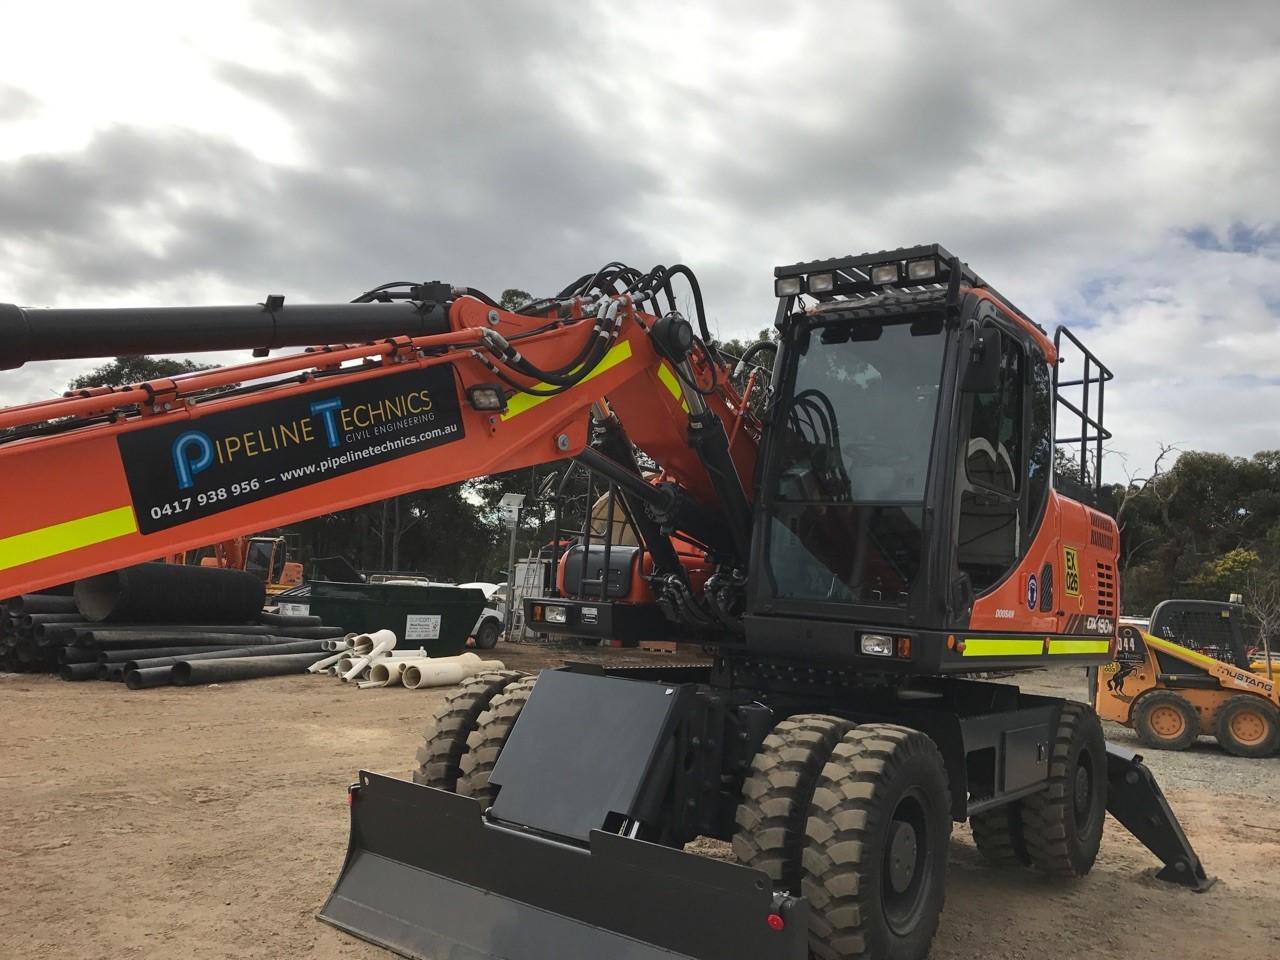 Pipeline Technics excavator control